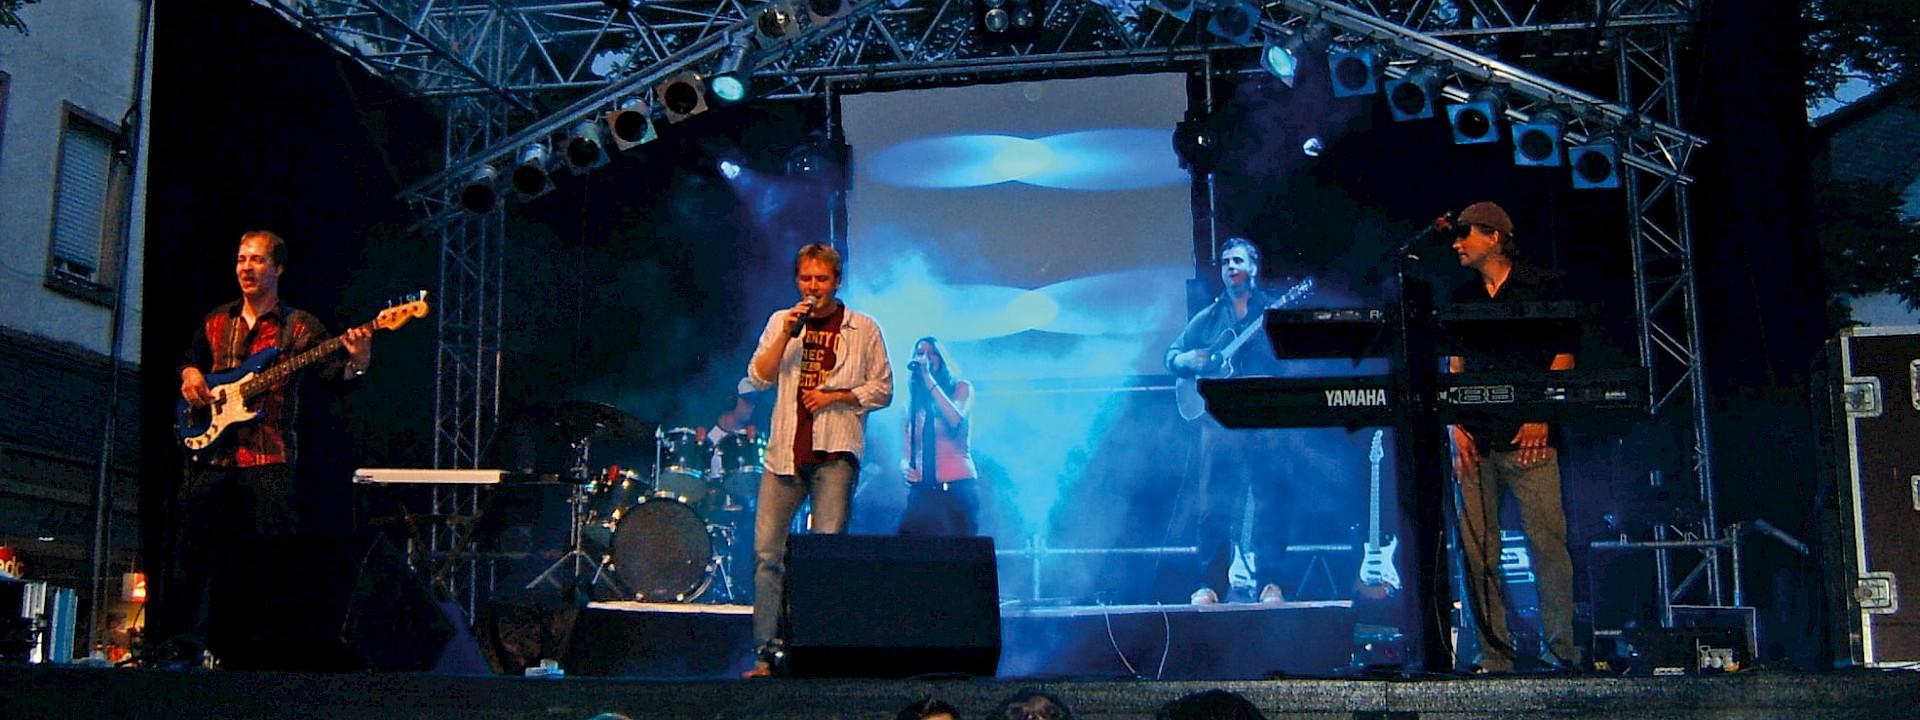 Konzerte, Kultur, Stadtfeste - es gibt viele Gründe zu Feiern Veranstaltungen in Beckum